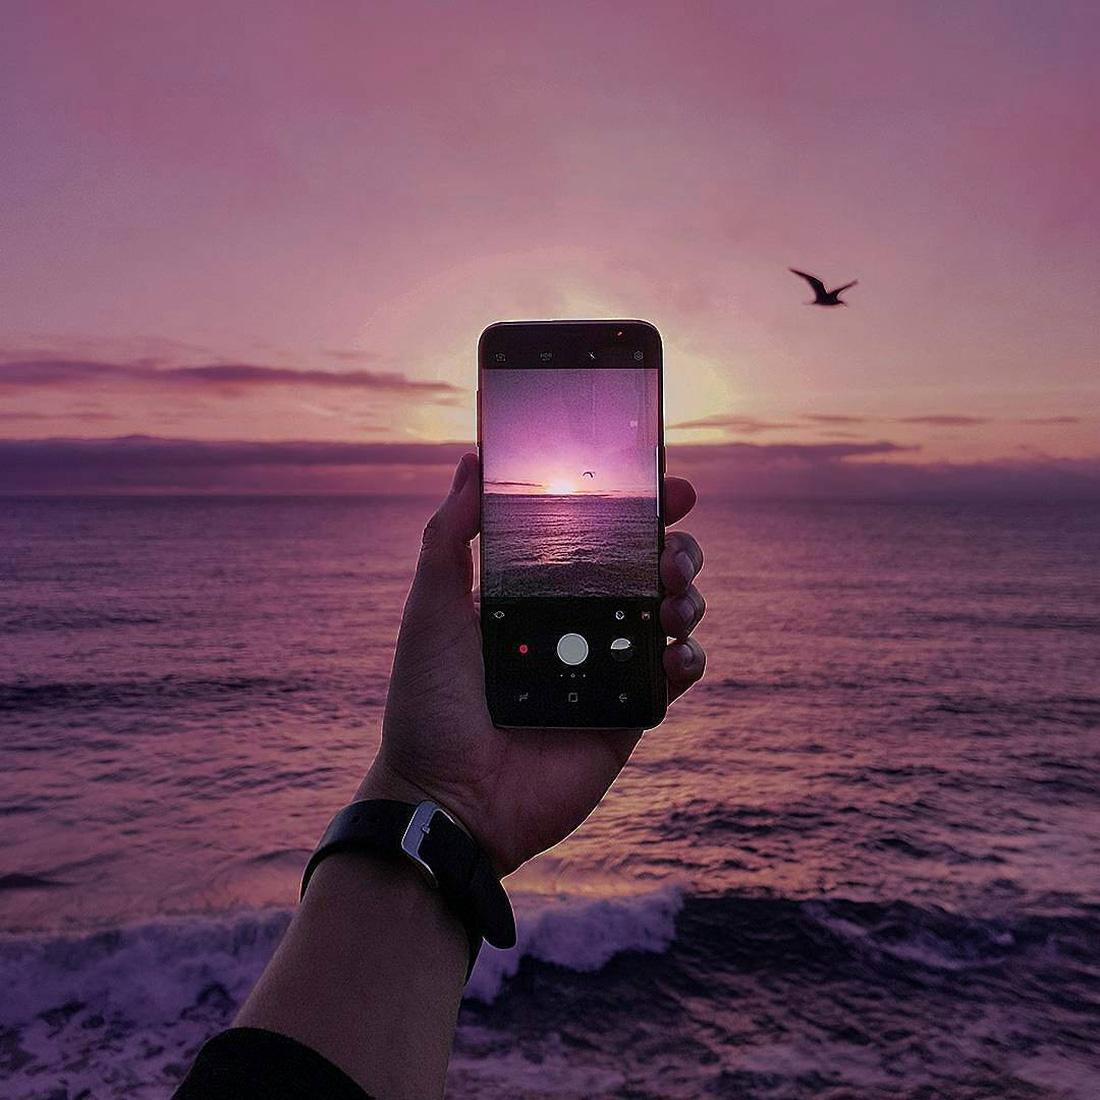 Gợi ý quà giáng sinh và cuối năm: Galaxy S8 - Ảnh 1.